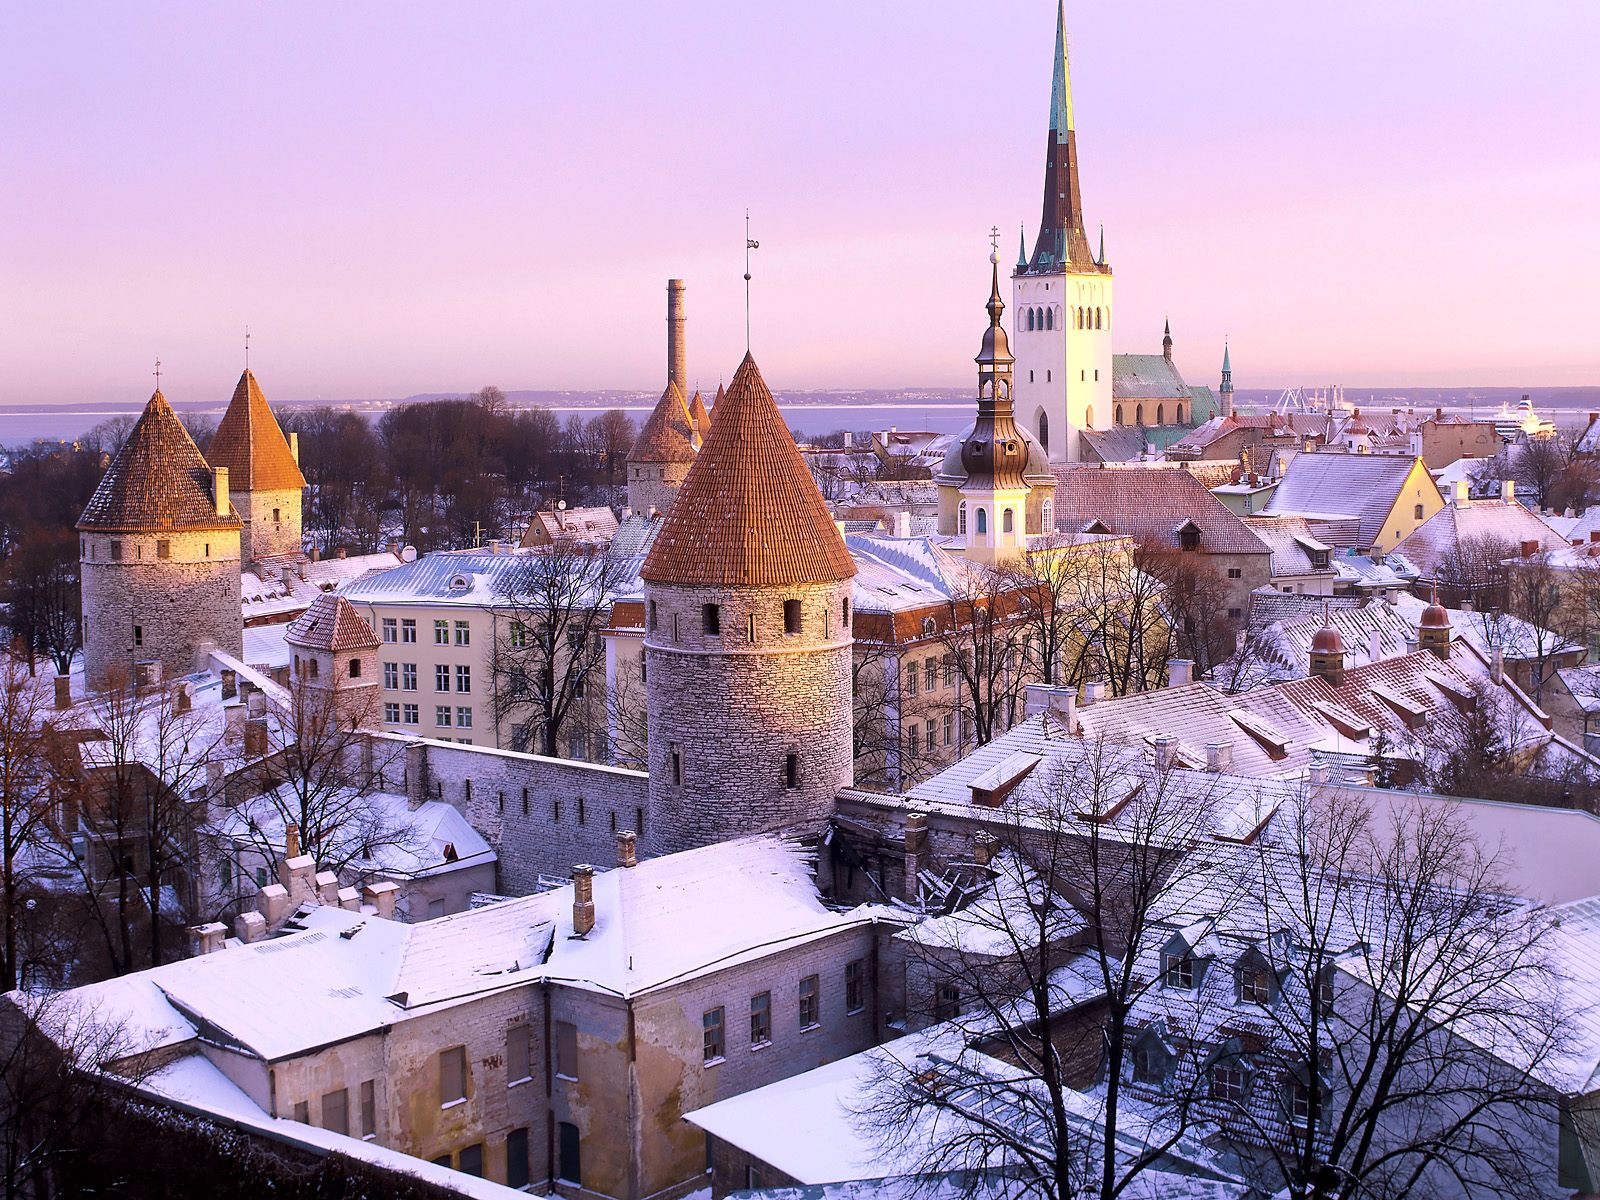 Tallinn Dating Tallinn Singles Tallinn Personals